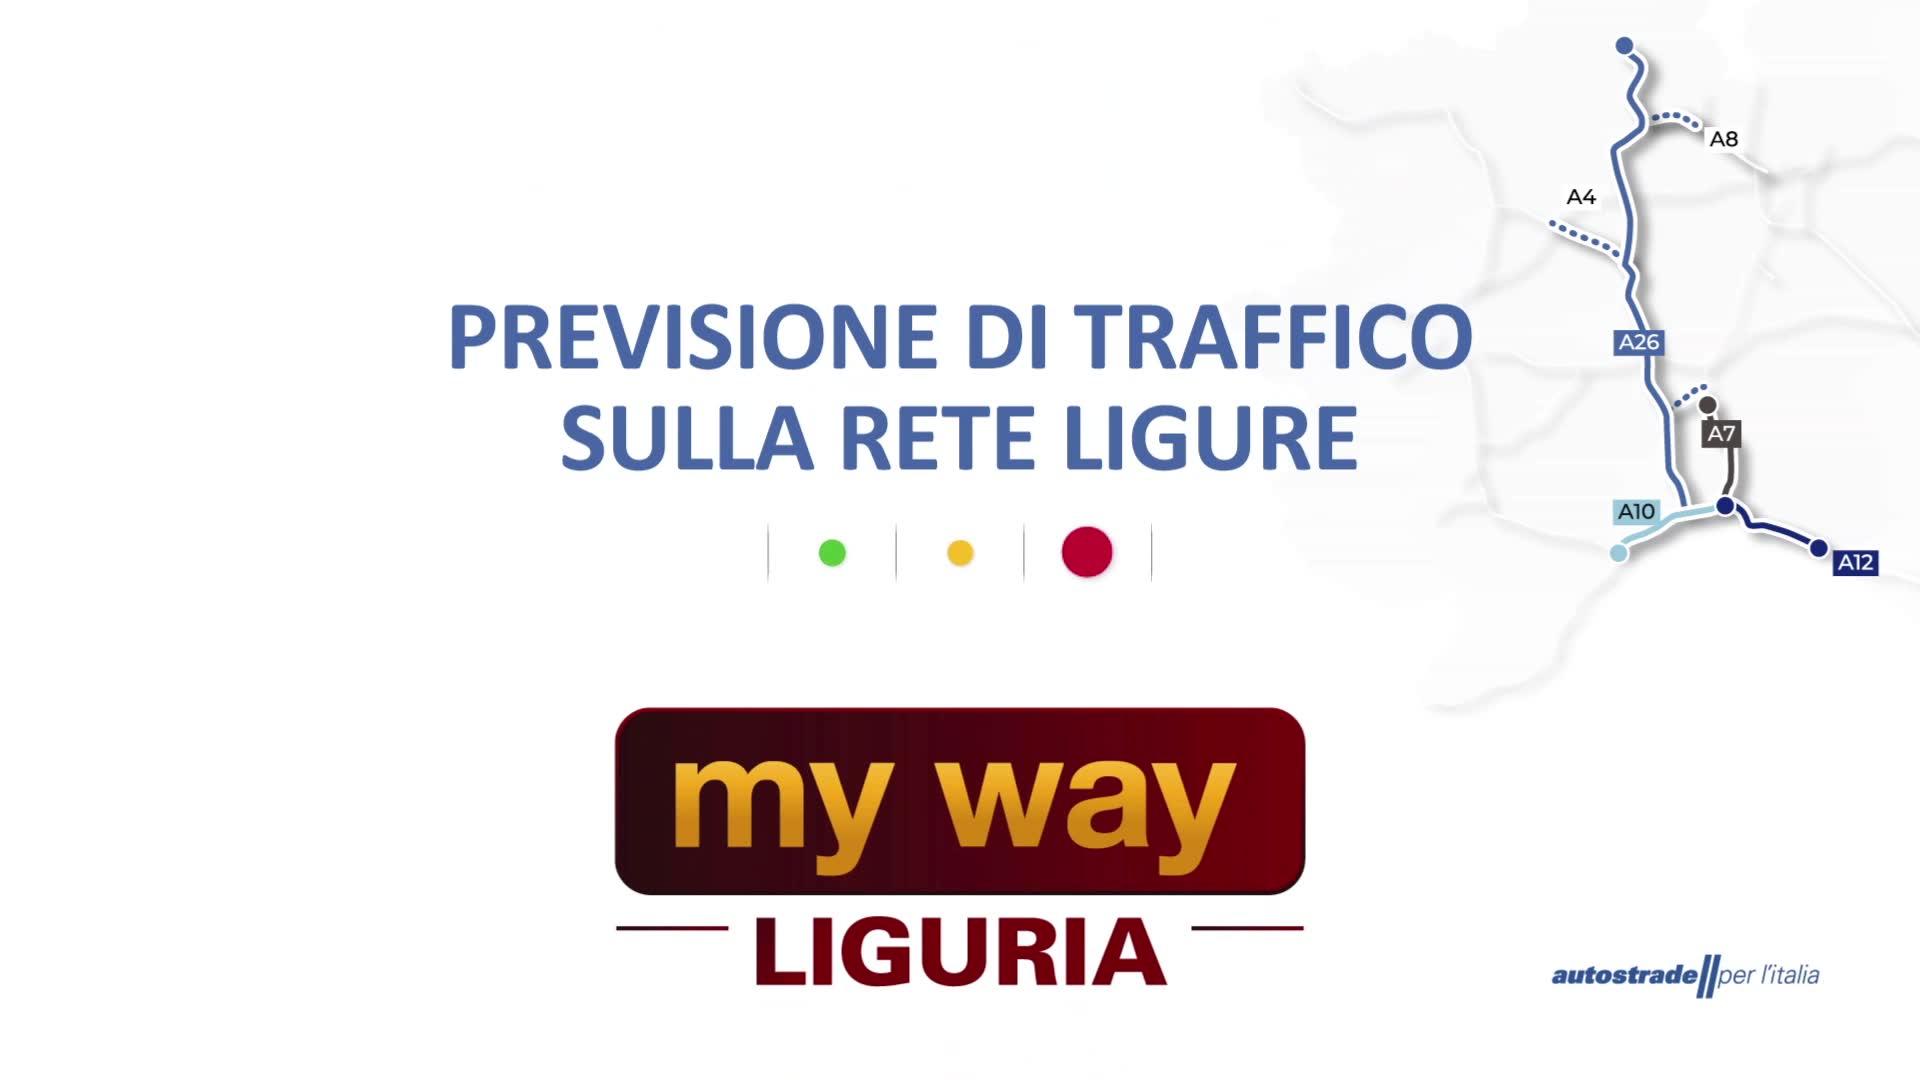 Le previsioni del traffico sulle autostrade della Liguria per martedì 19 ottobre